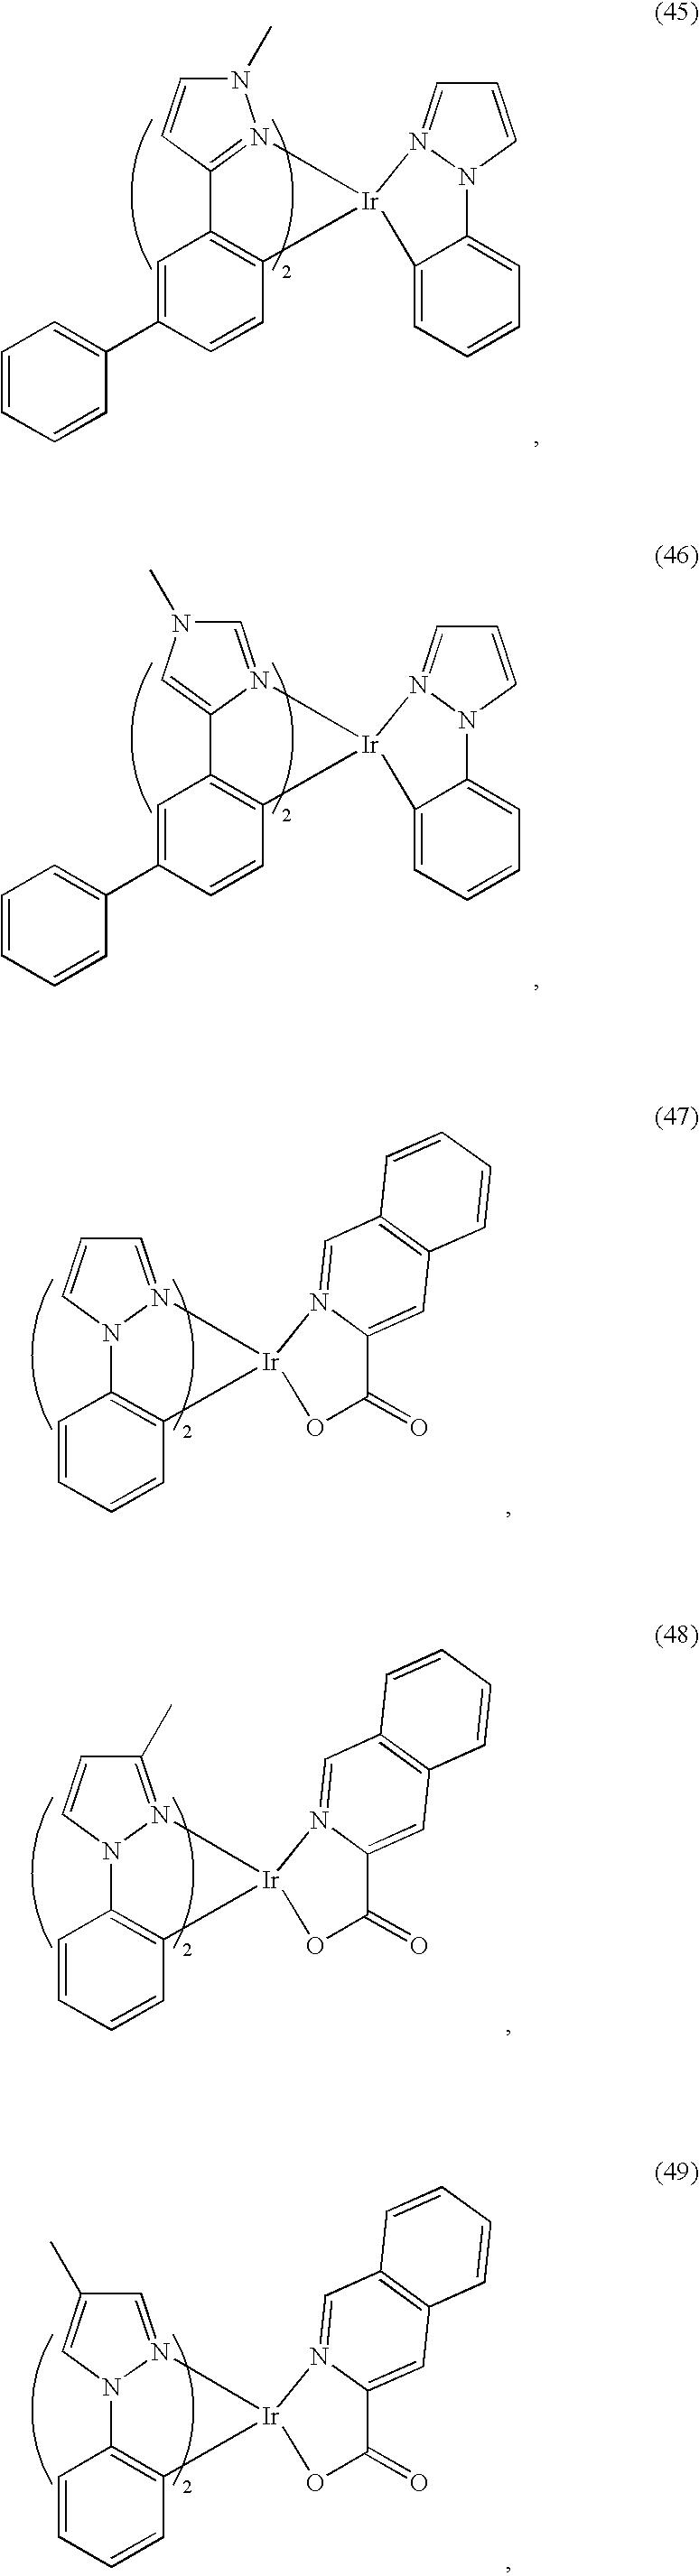 Figure US20050031903A1-20050210-C00023